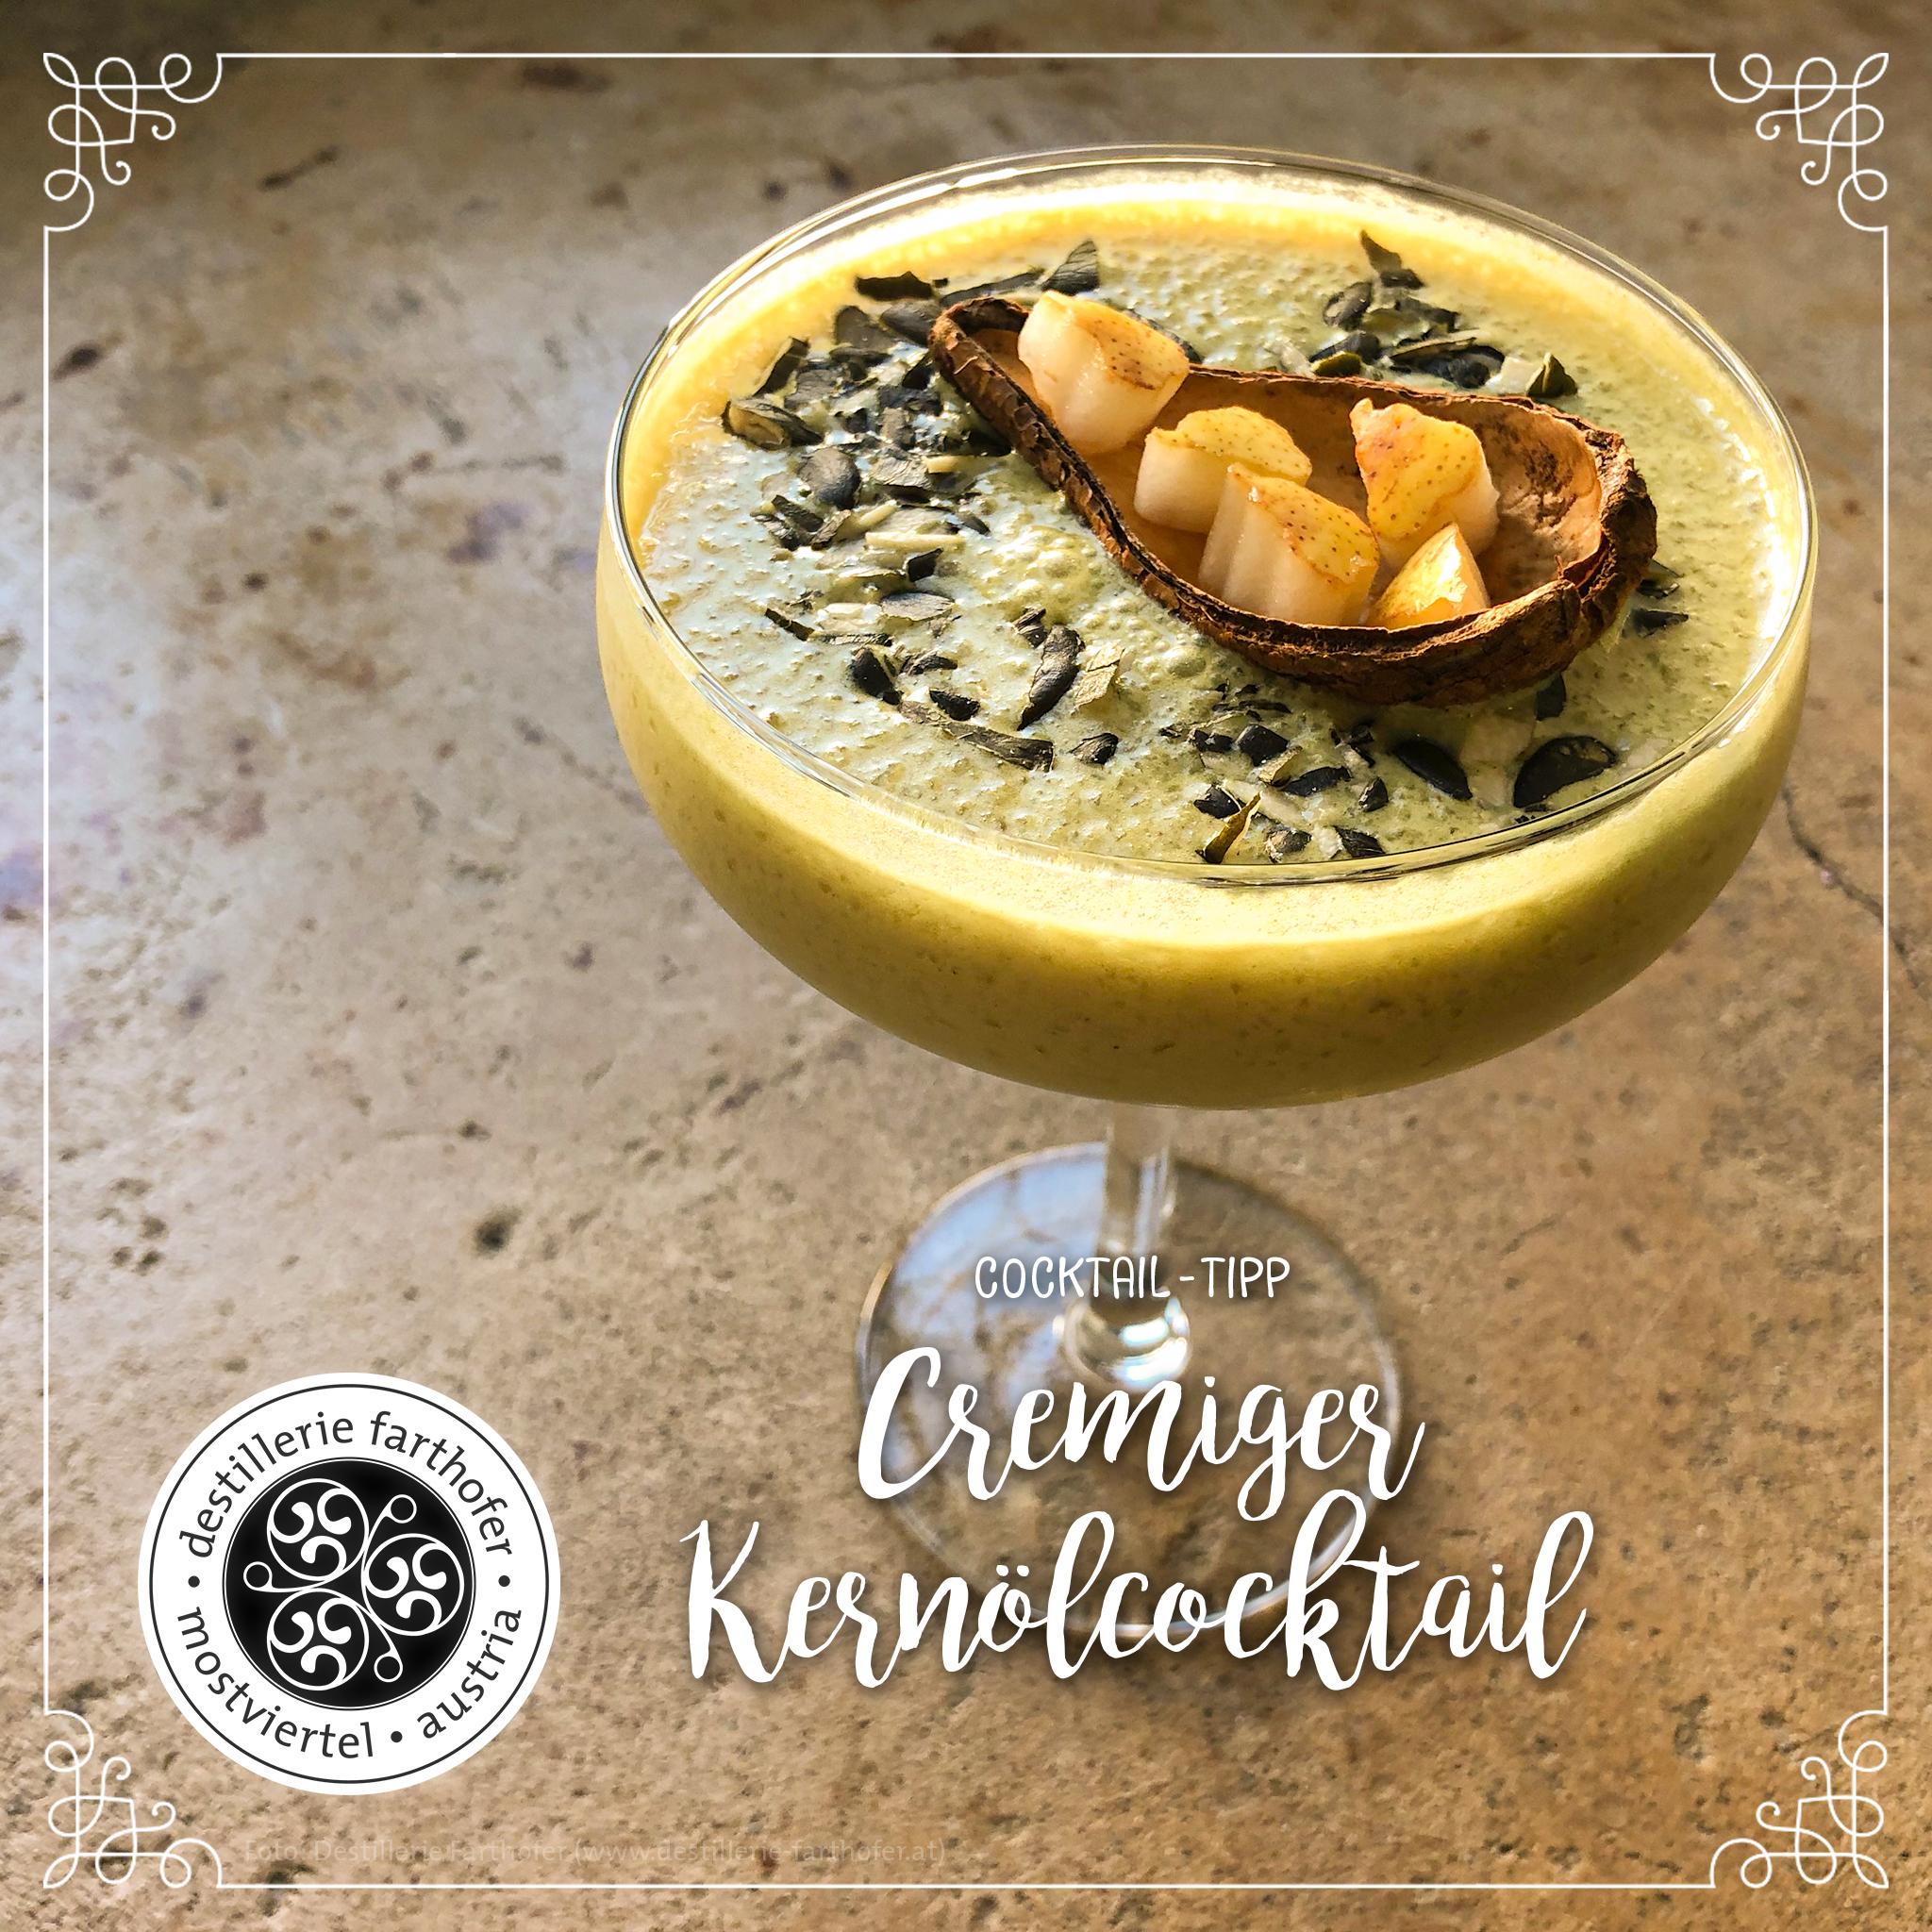 Rezept - Cocktail - Cremiger Kernölcocktail - Destillerie Farthofer